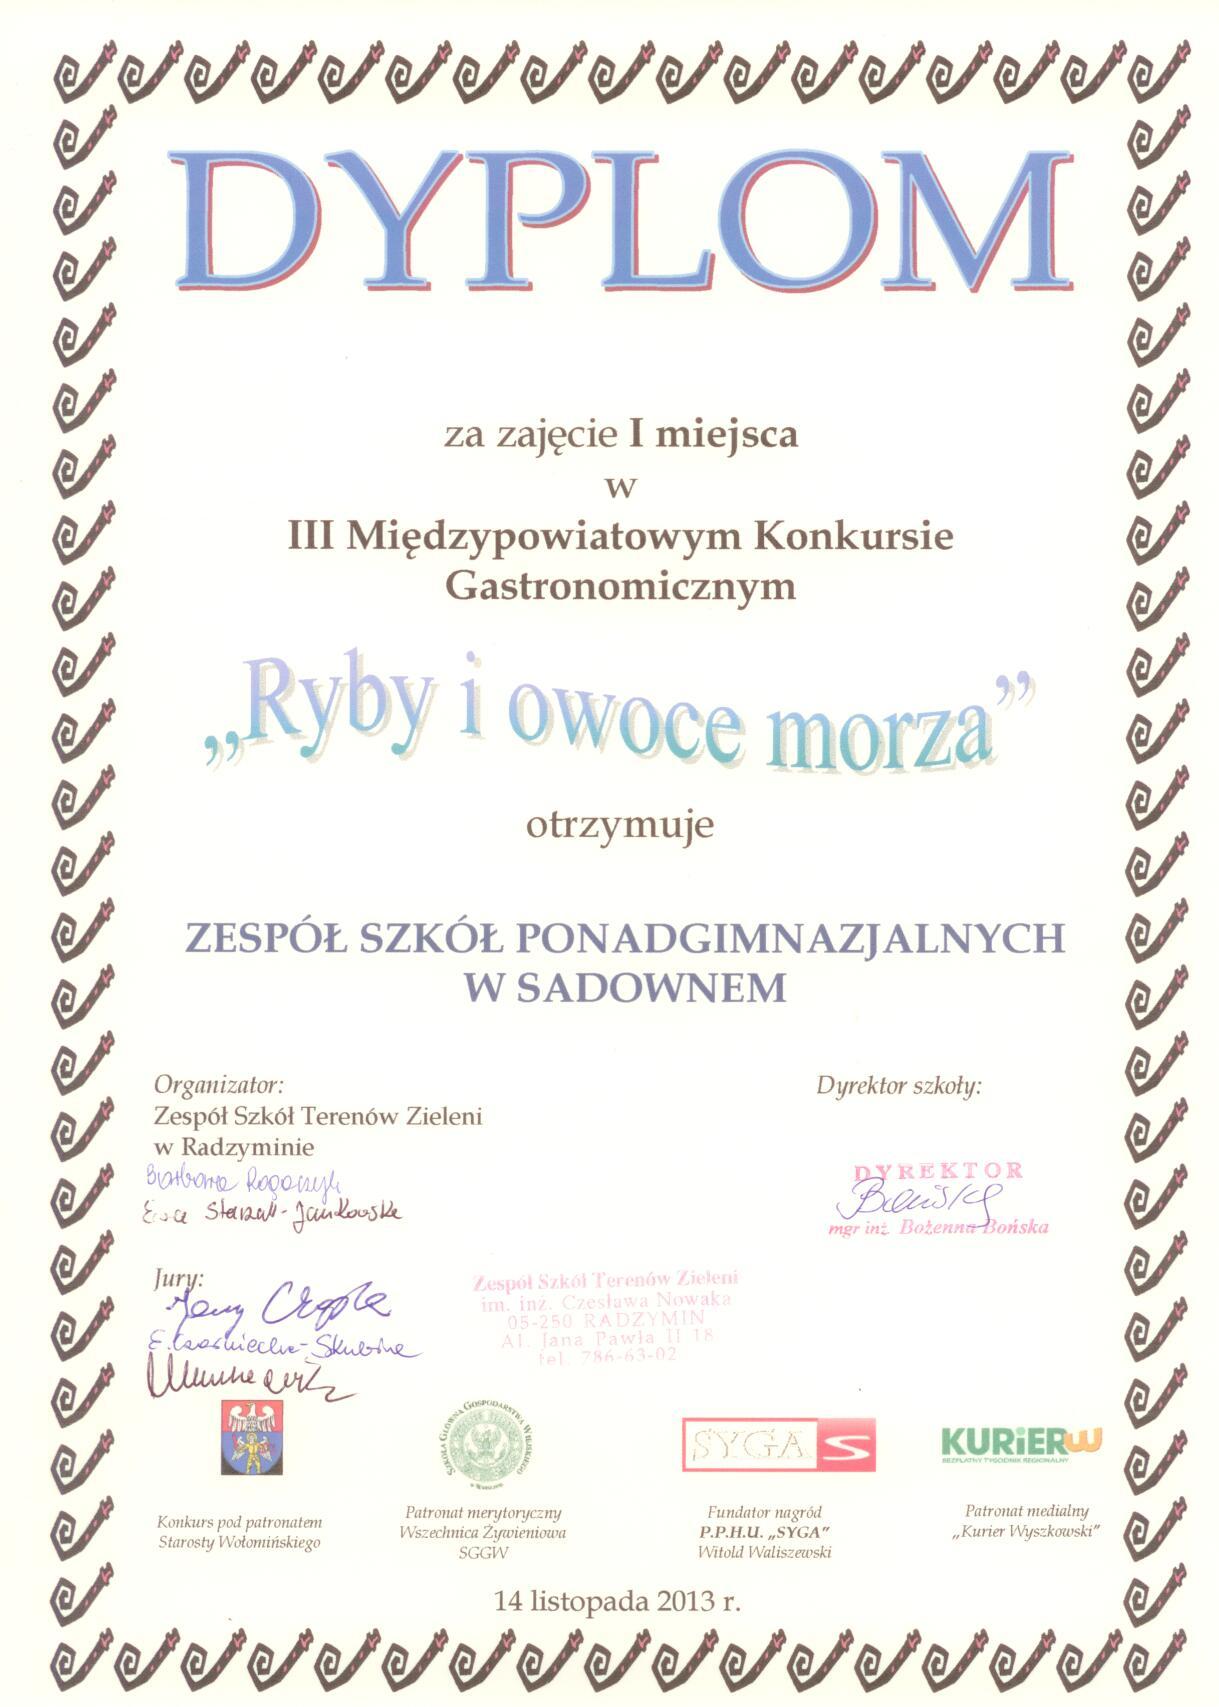 https://www.liceumsadowne.pl/technikum/335-najlepsi-kucharze.html